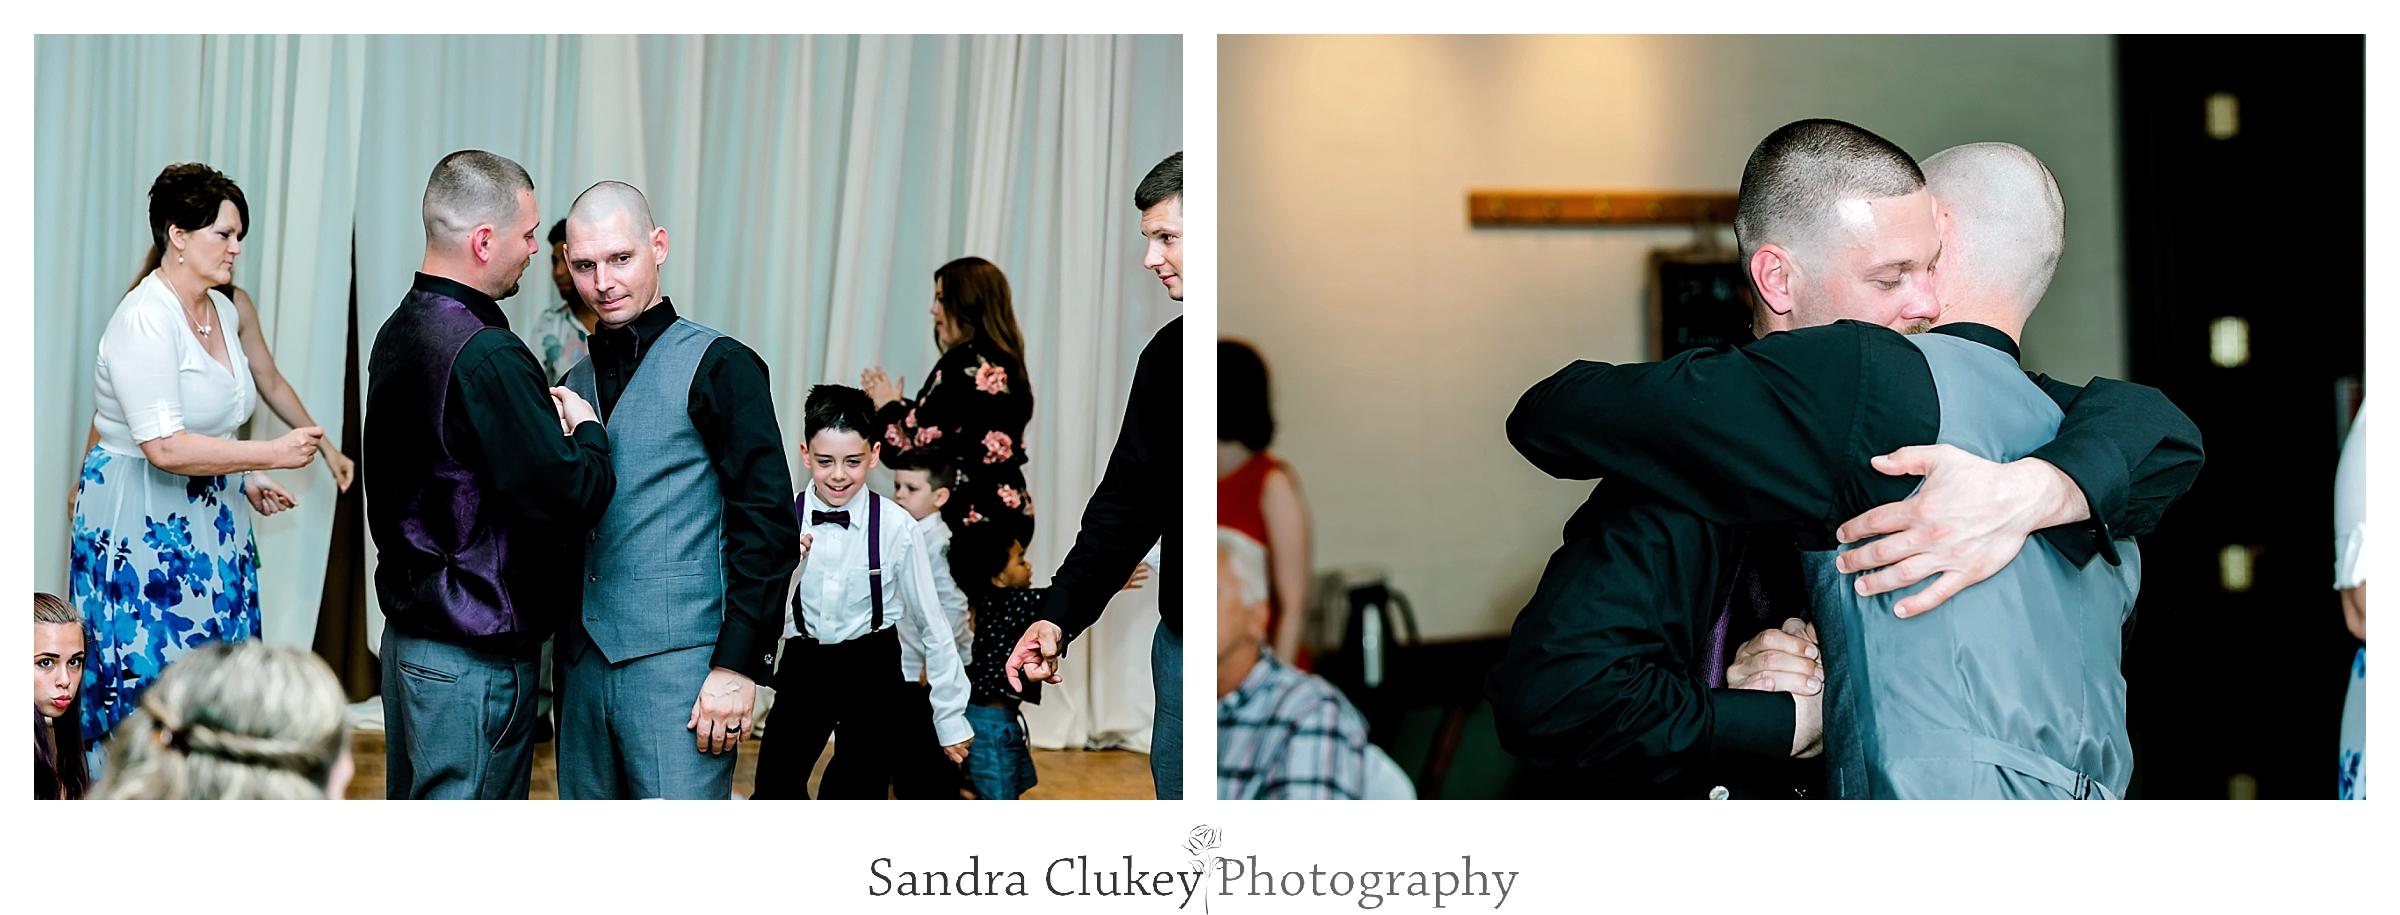 Sandra Clukey Photography_1914.jpg